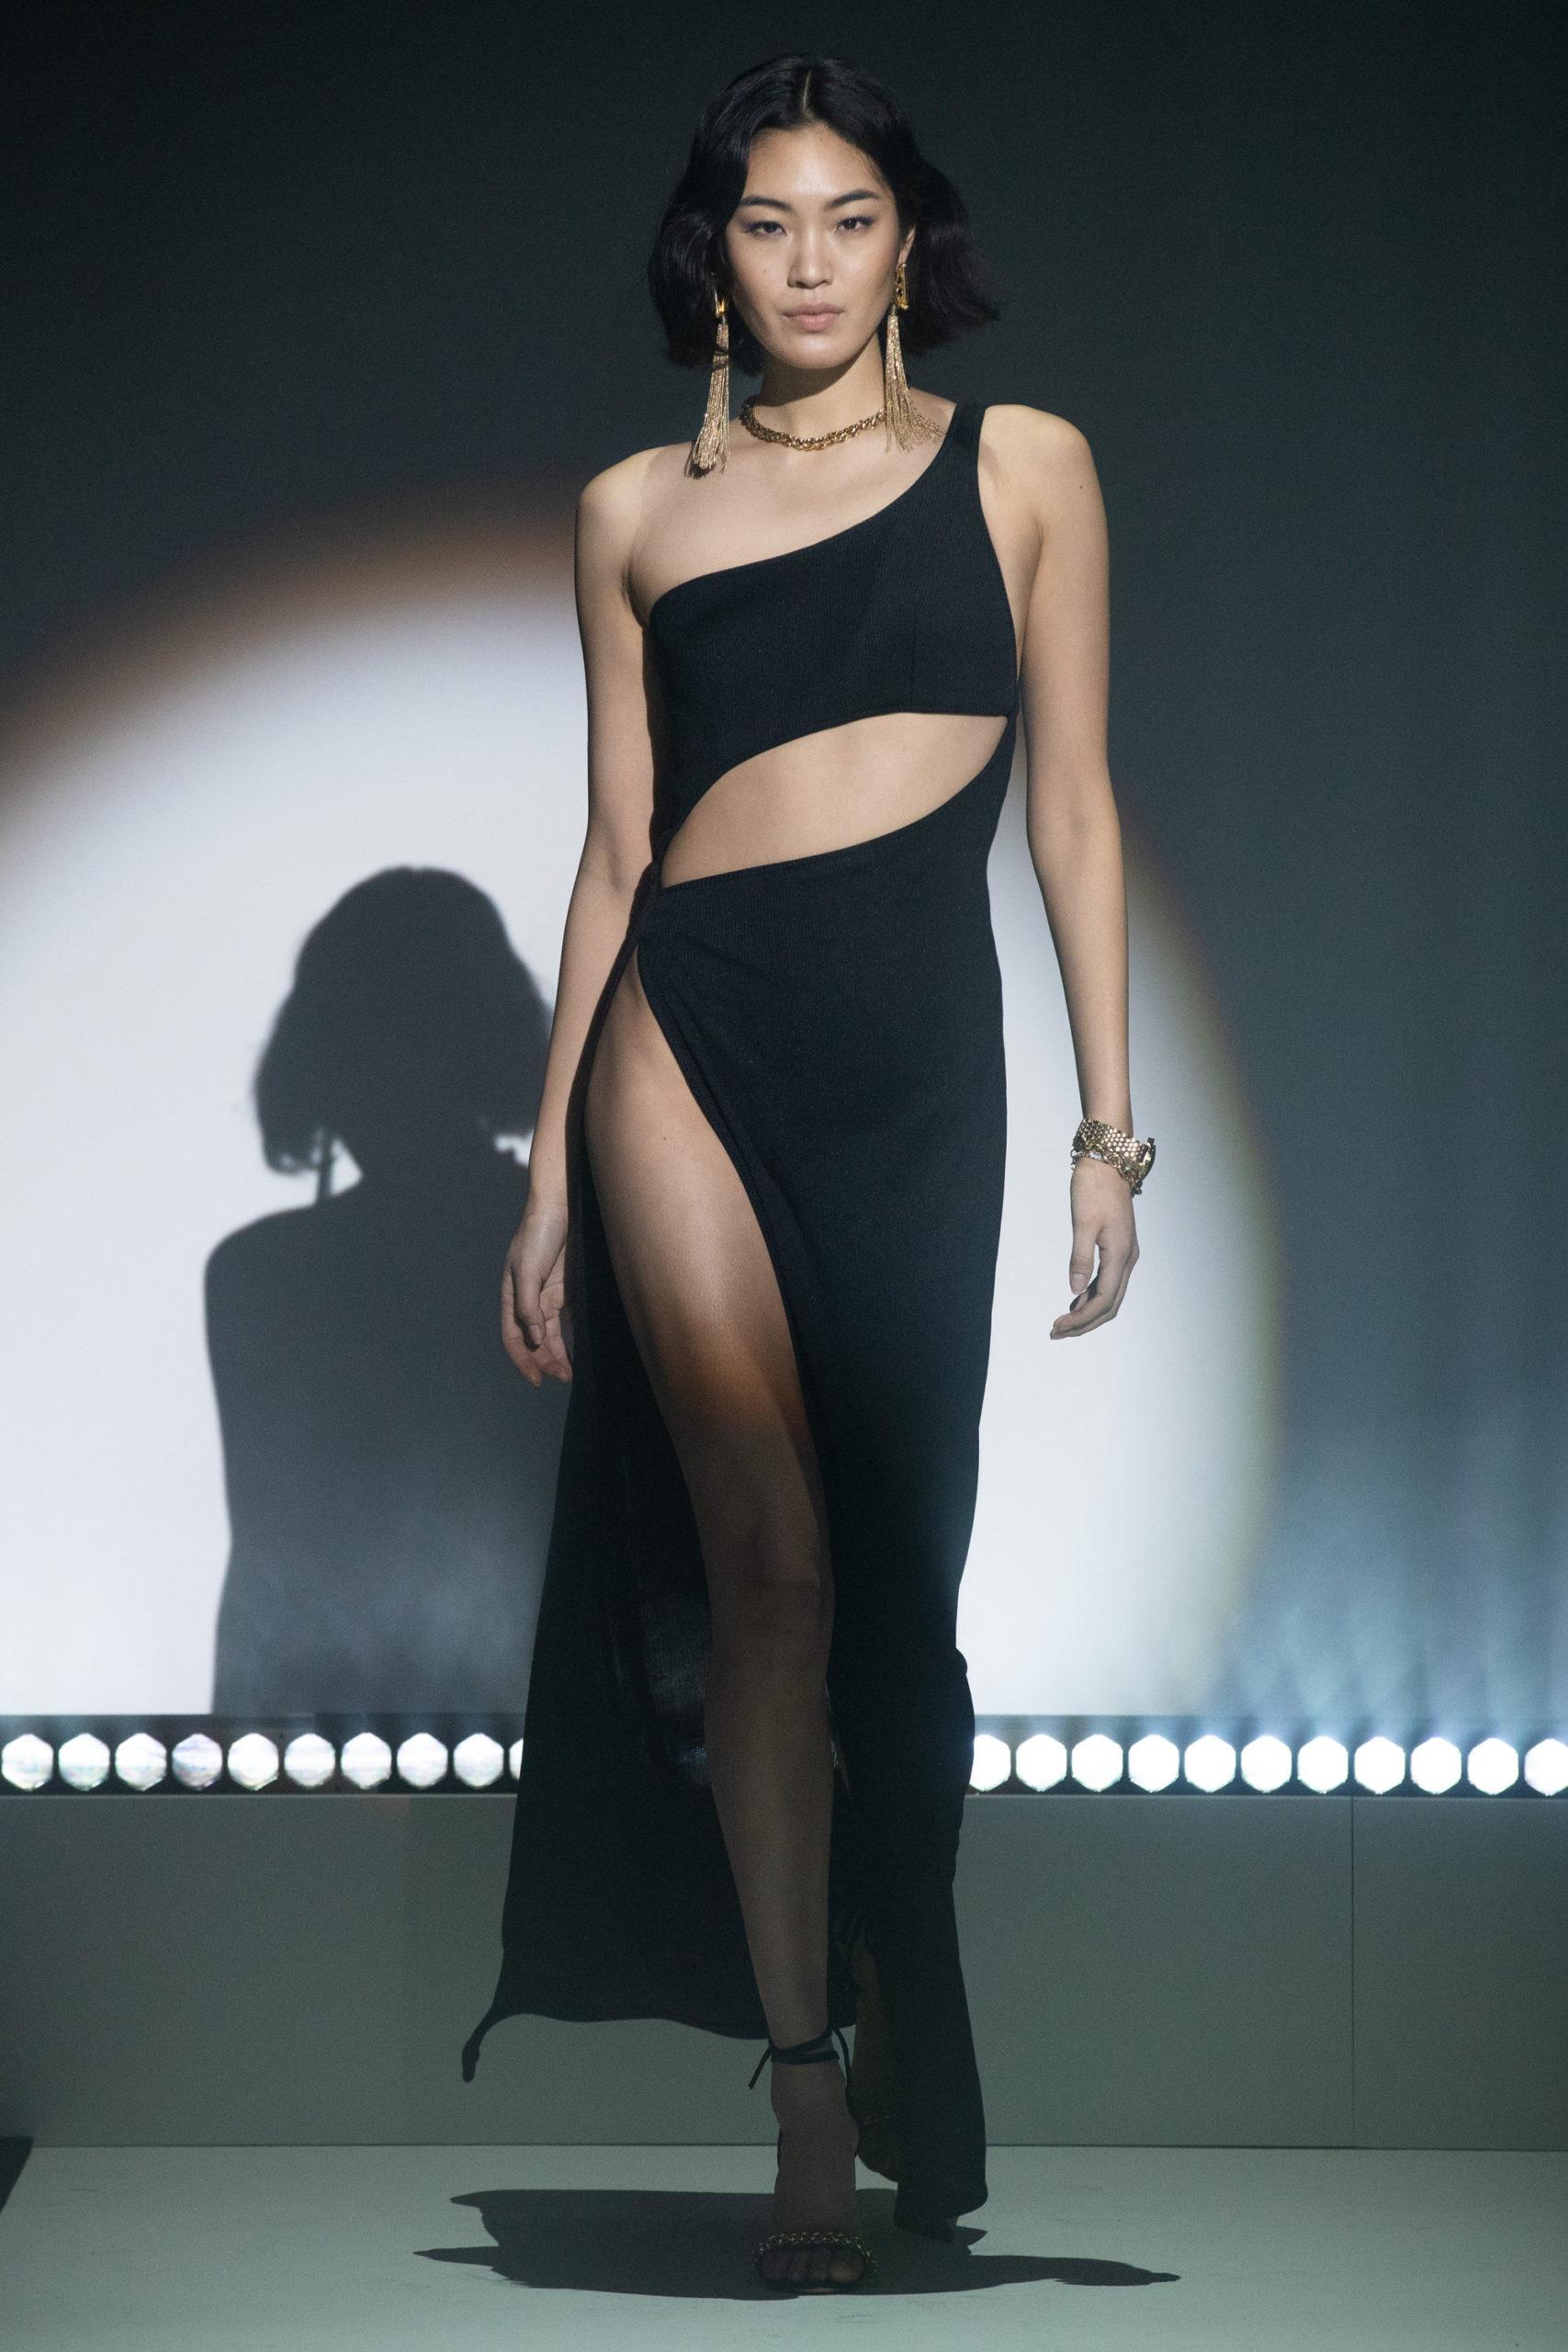 Платье с вырезом от Brandon Maxwell модель 2021 года